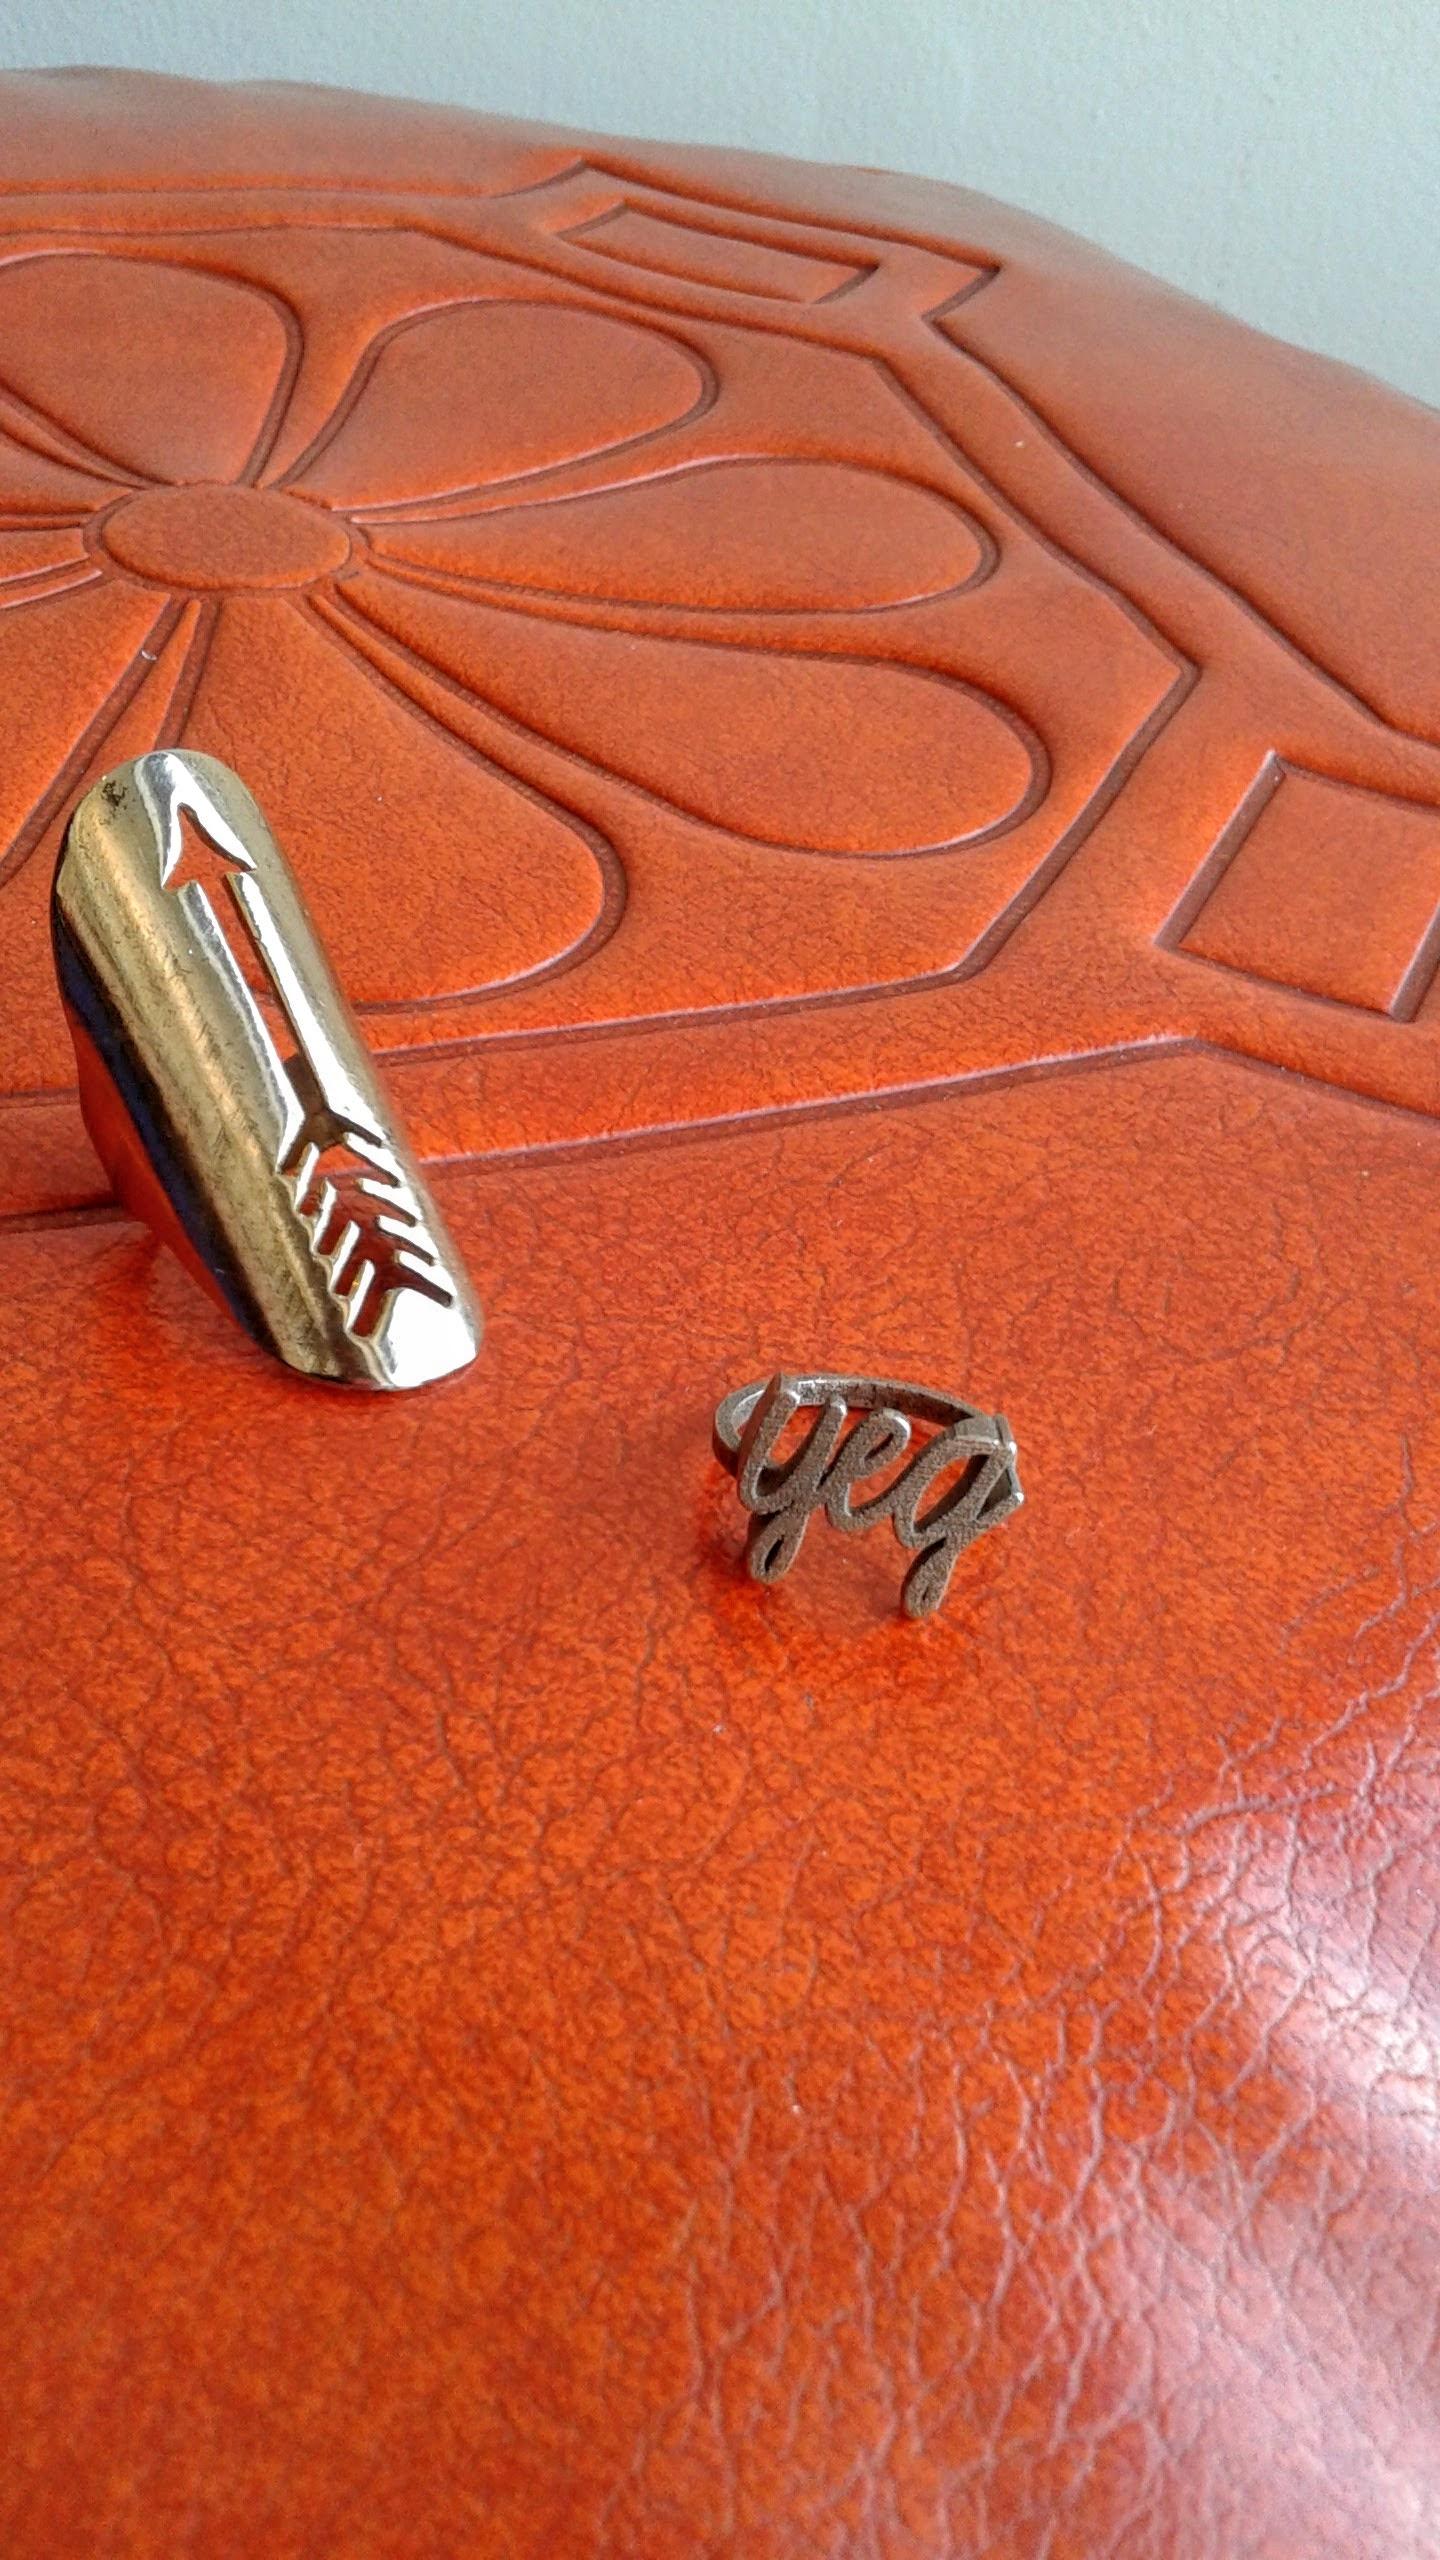 Arrow ring. $12; YEG ring, $12